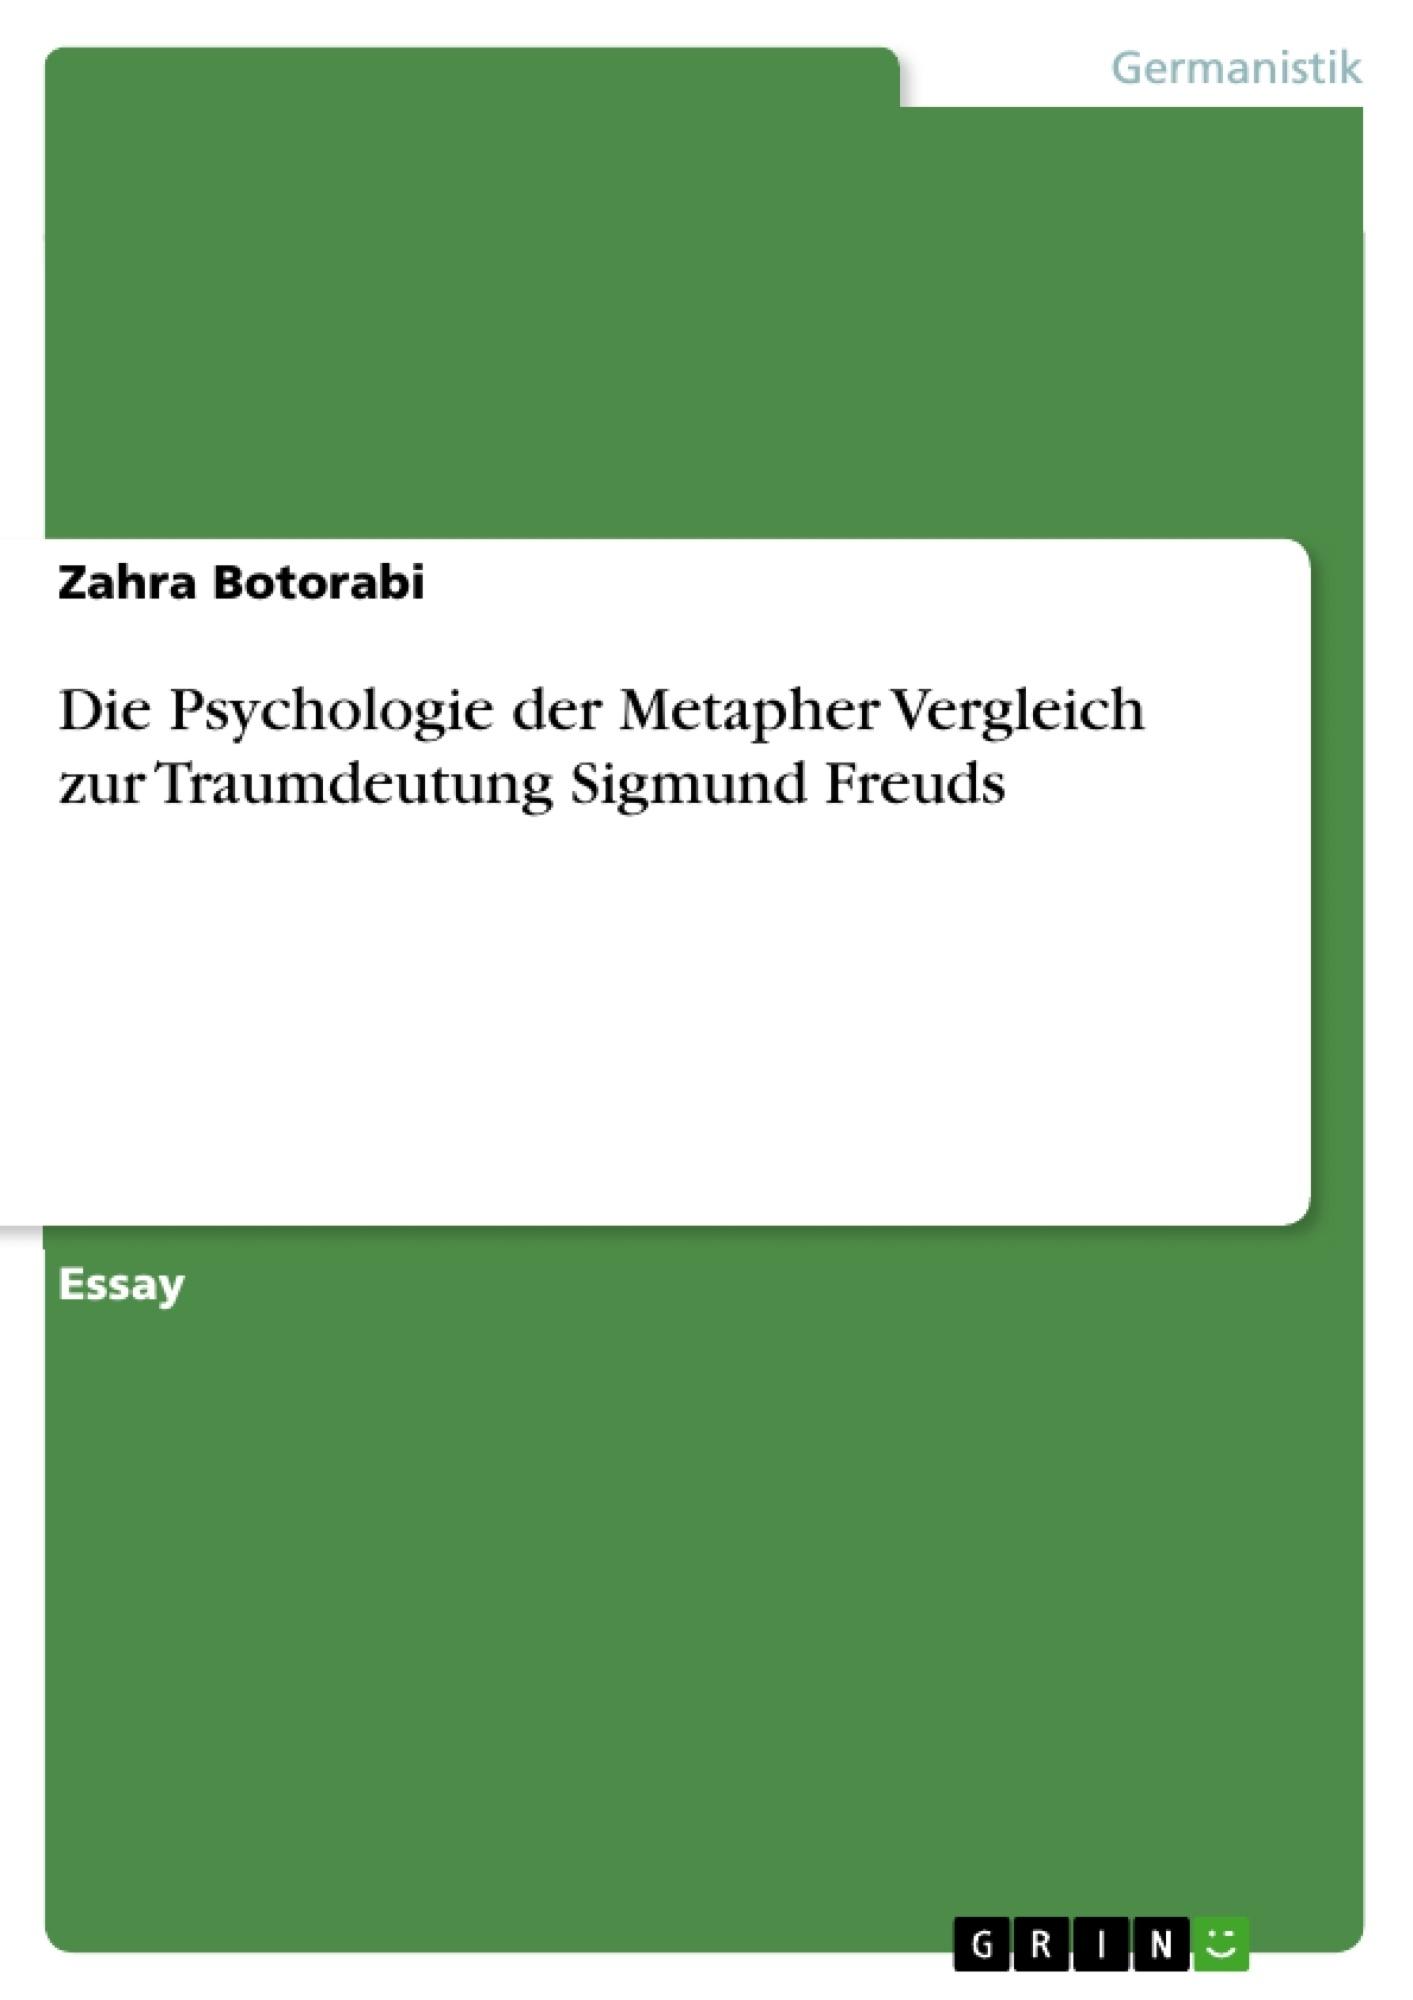 Titel: Die Psychologie der Metapher Vergleich zur Traumdeutung Sigmund Freuds